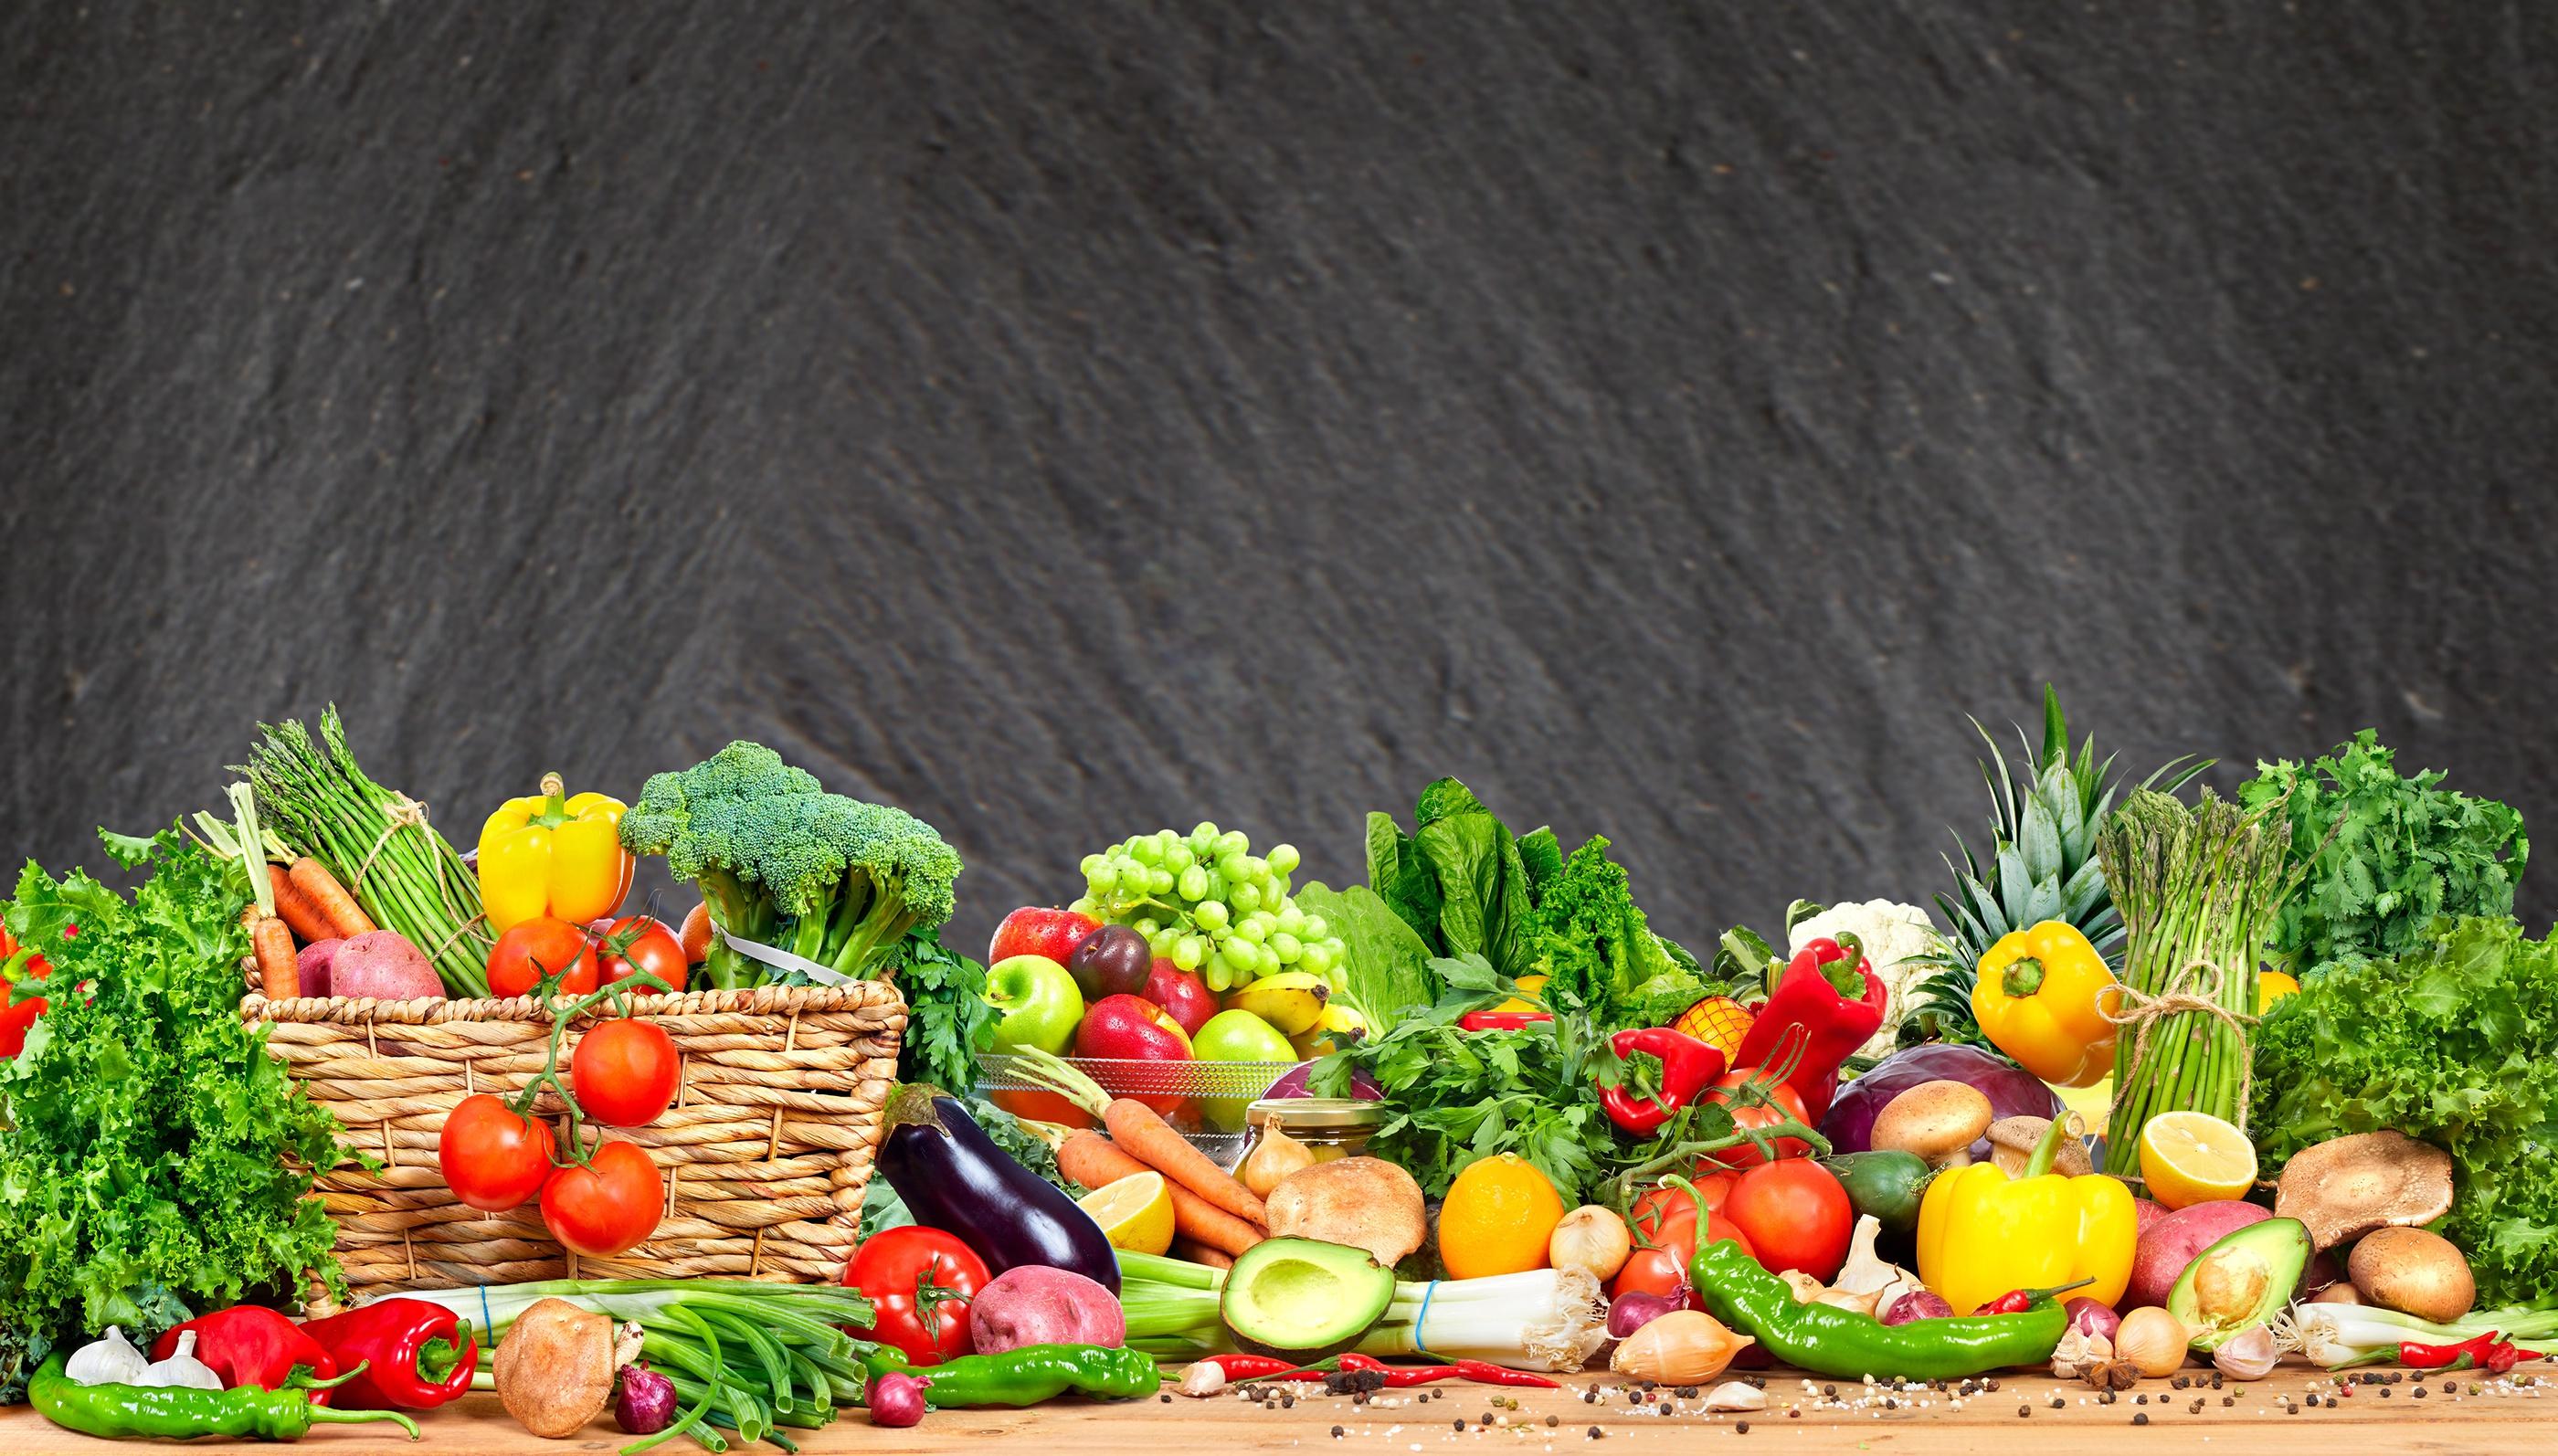 реклама овощи фрукты картинки двухдверные